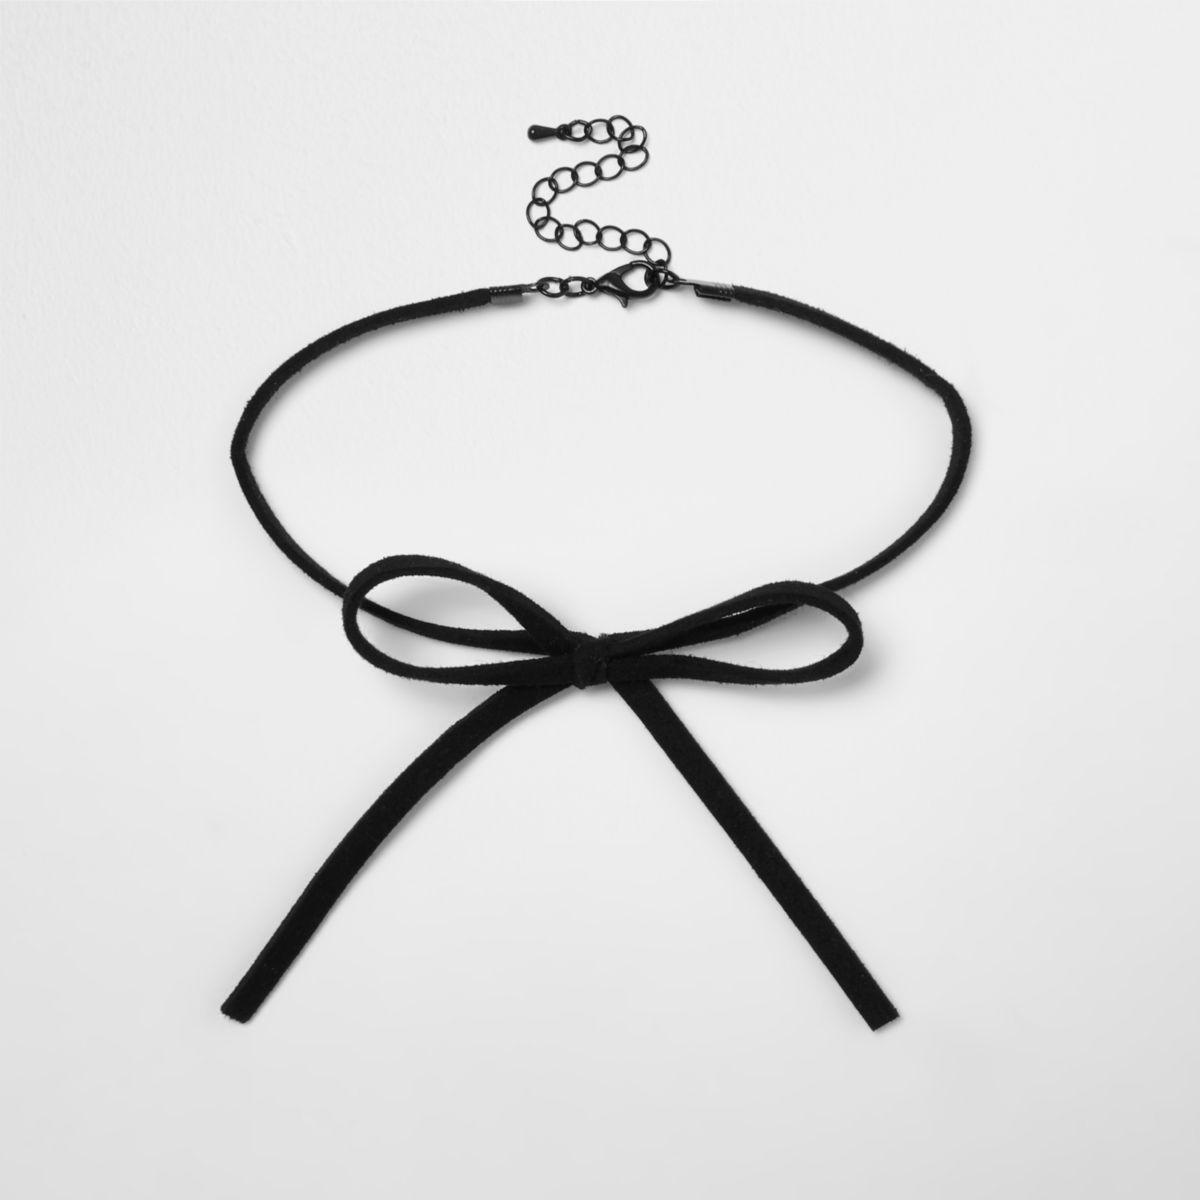 Ras-de-cou noir avec nœud pour fille